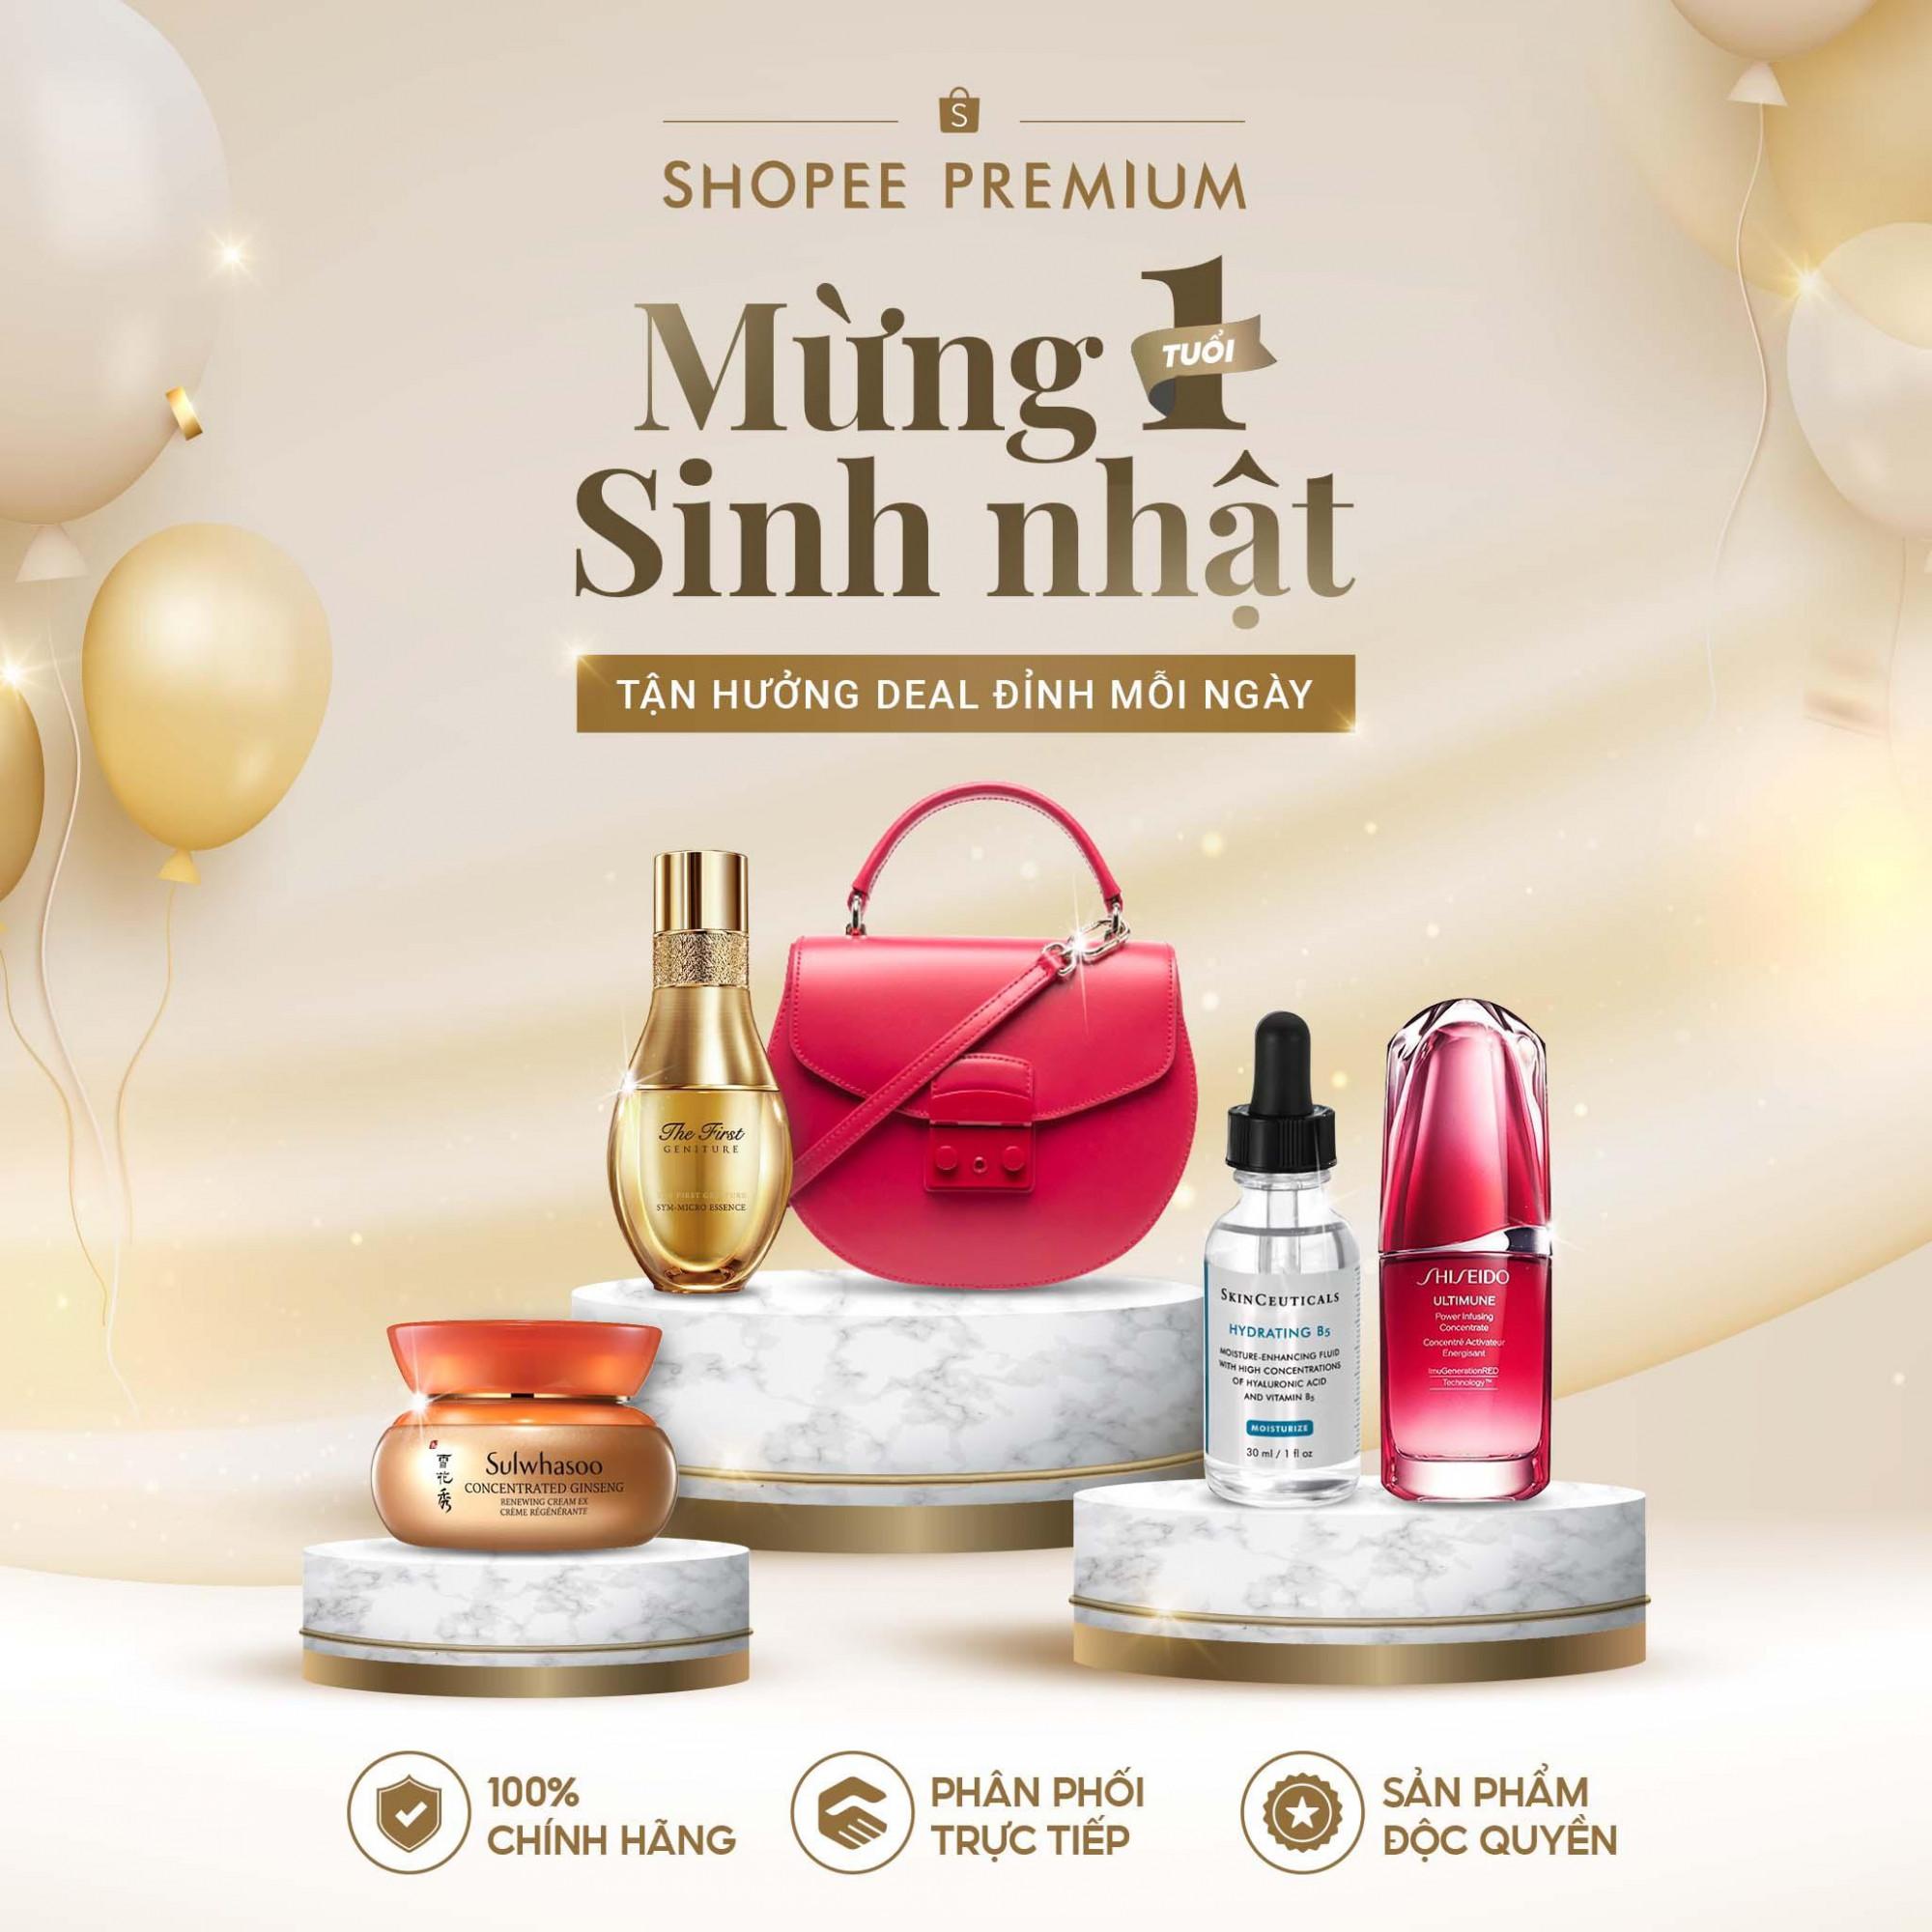 Ra mắt vào 10/10/2020, Shopee Premium là không gian mua sắm các sản phẩm sức khỏe và làm đẹp, thời trang, điện tử gia dụng… đến từ các thương hiệu nổi tiếng thuộc phân khúc cao cấp